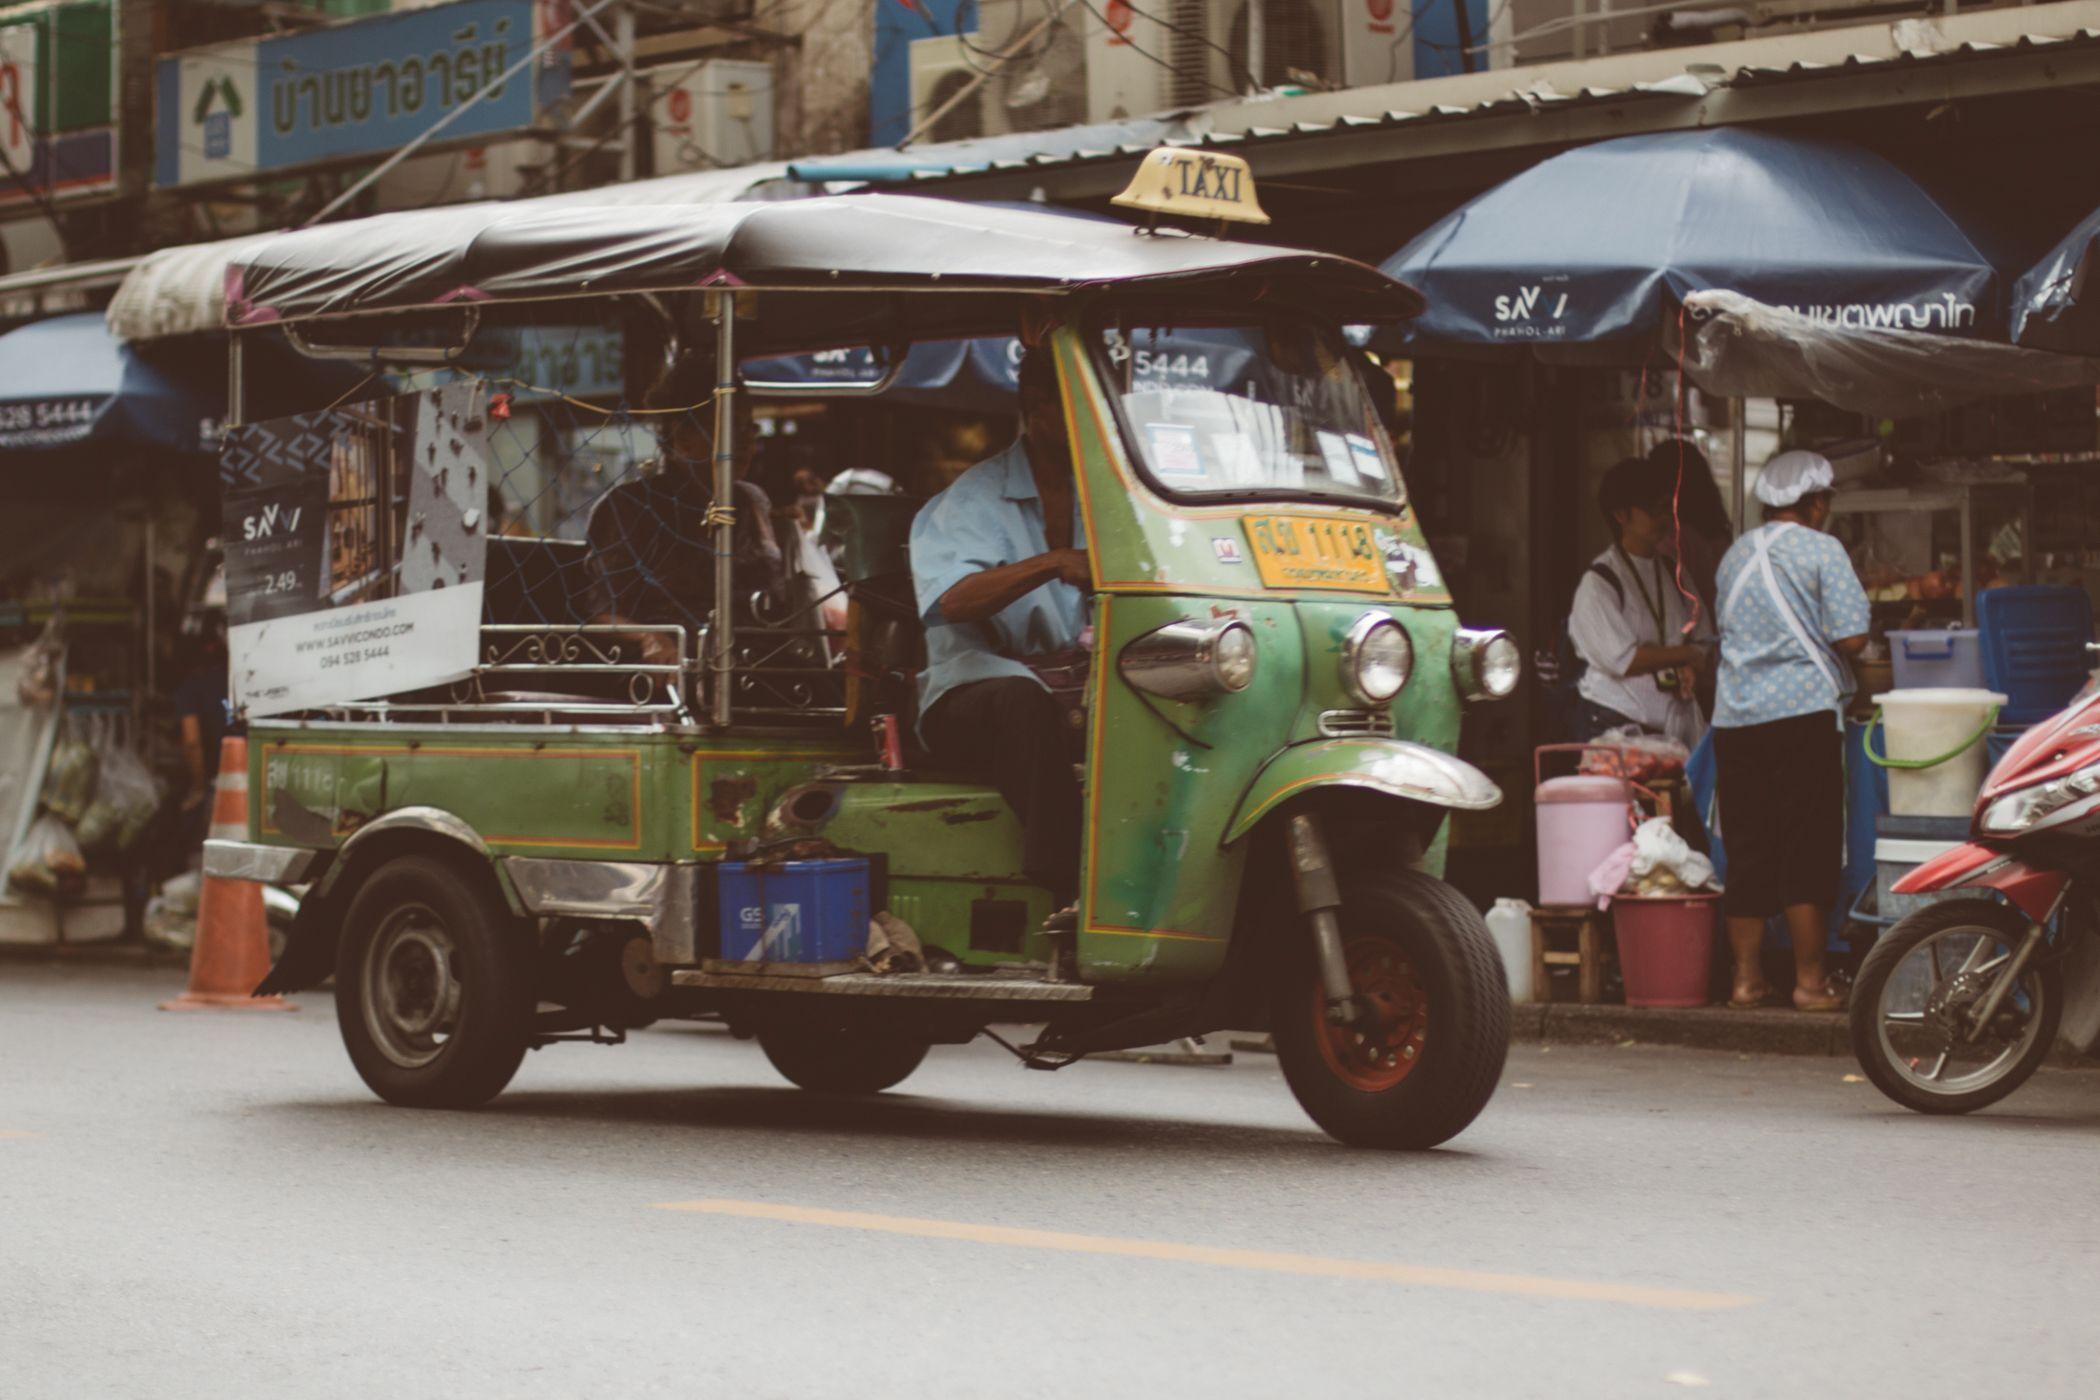 Green tuk tuk in bangkok thailand bangkok social studies